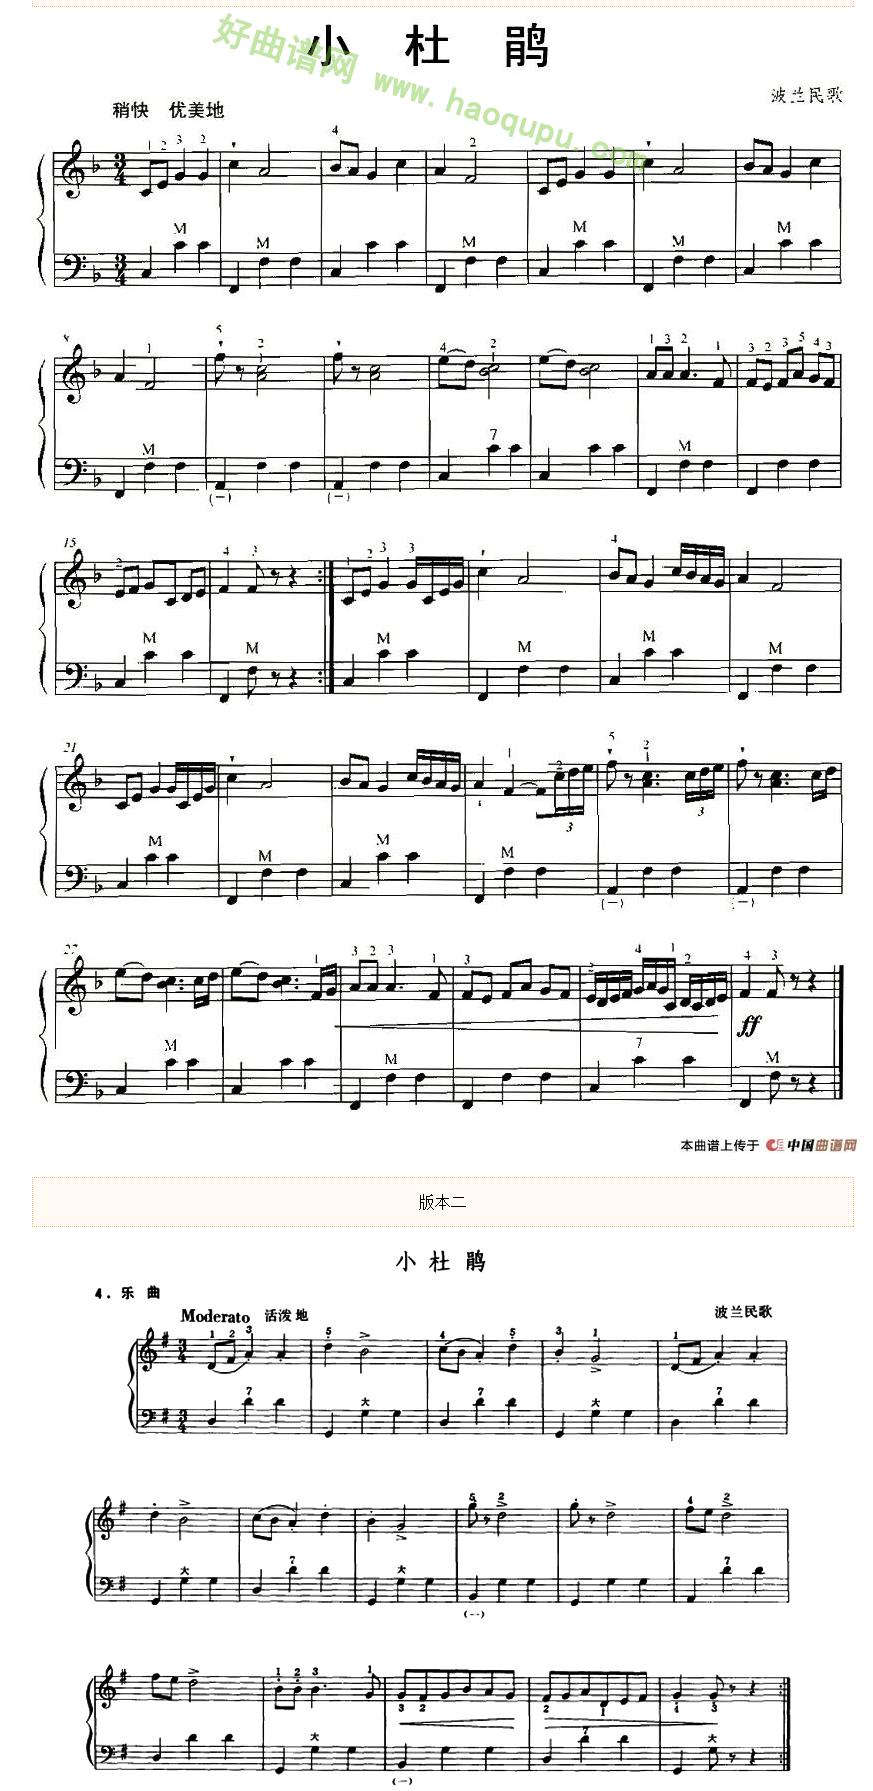 小杜鹃 手风琴曲谱